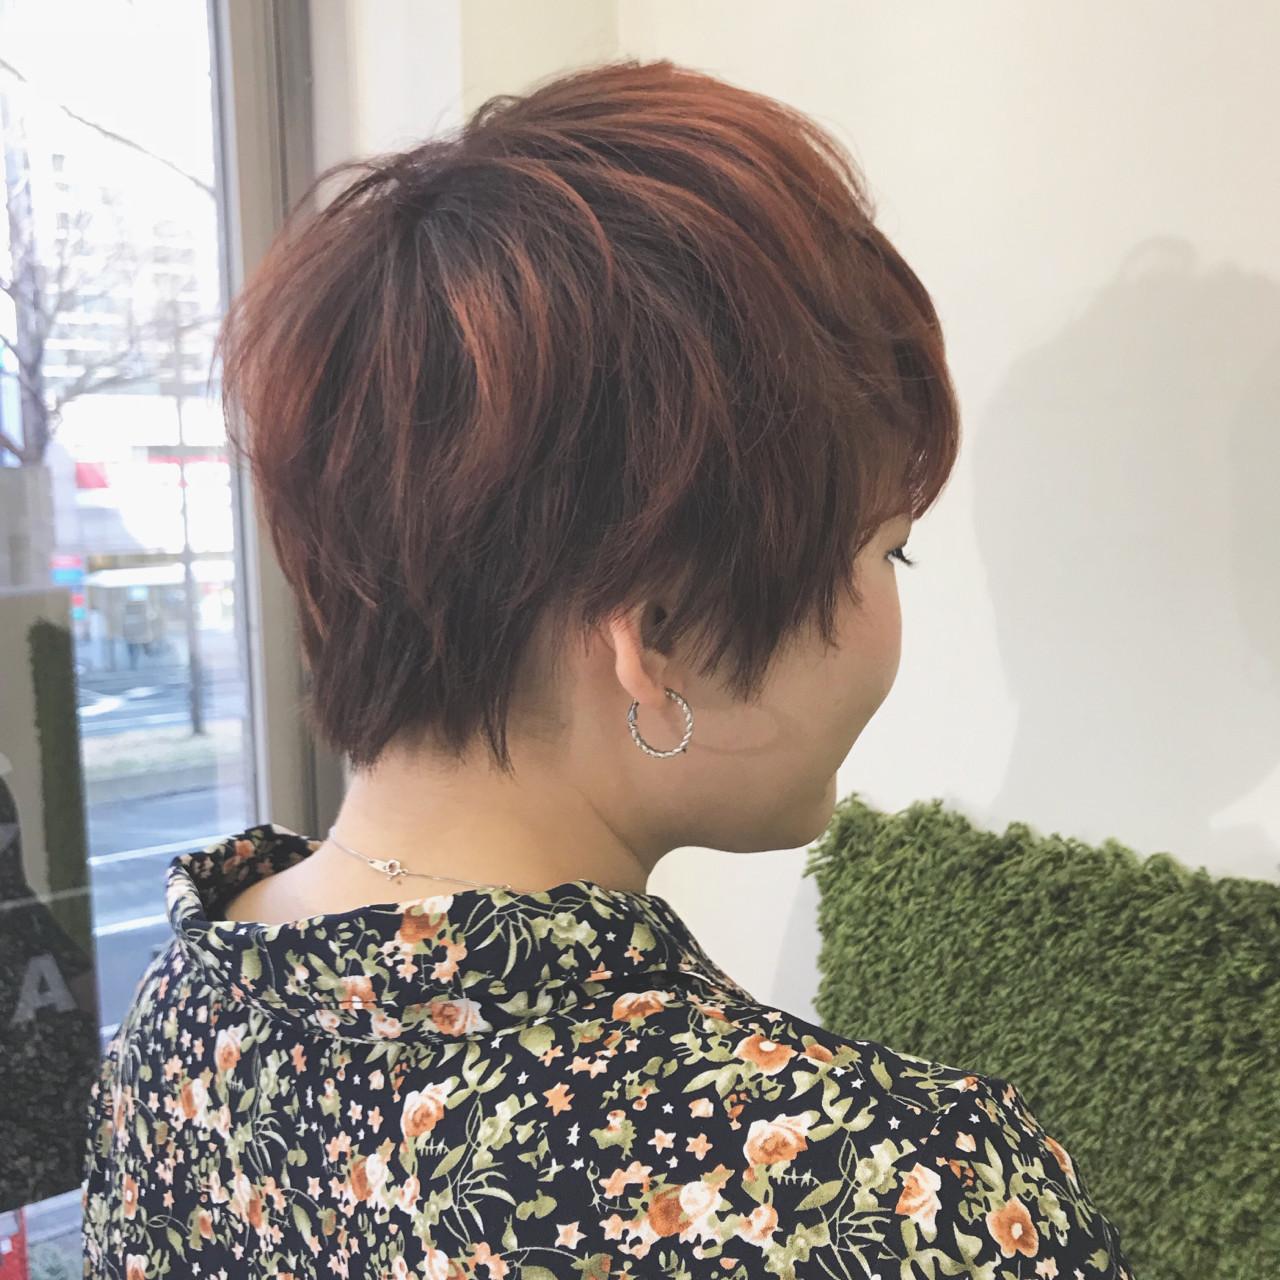 ナチュラル ショート 春 マッシュ ヘアスタイルや髪型の写真・画像